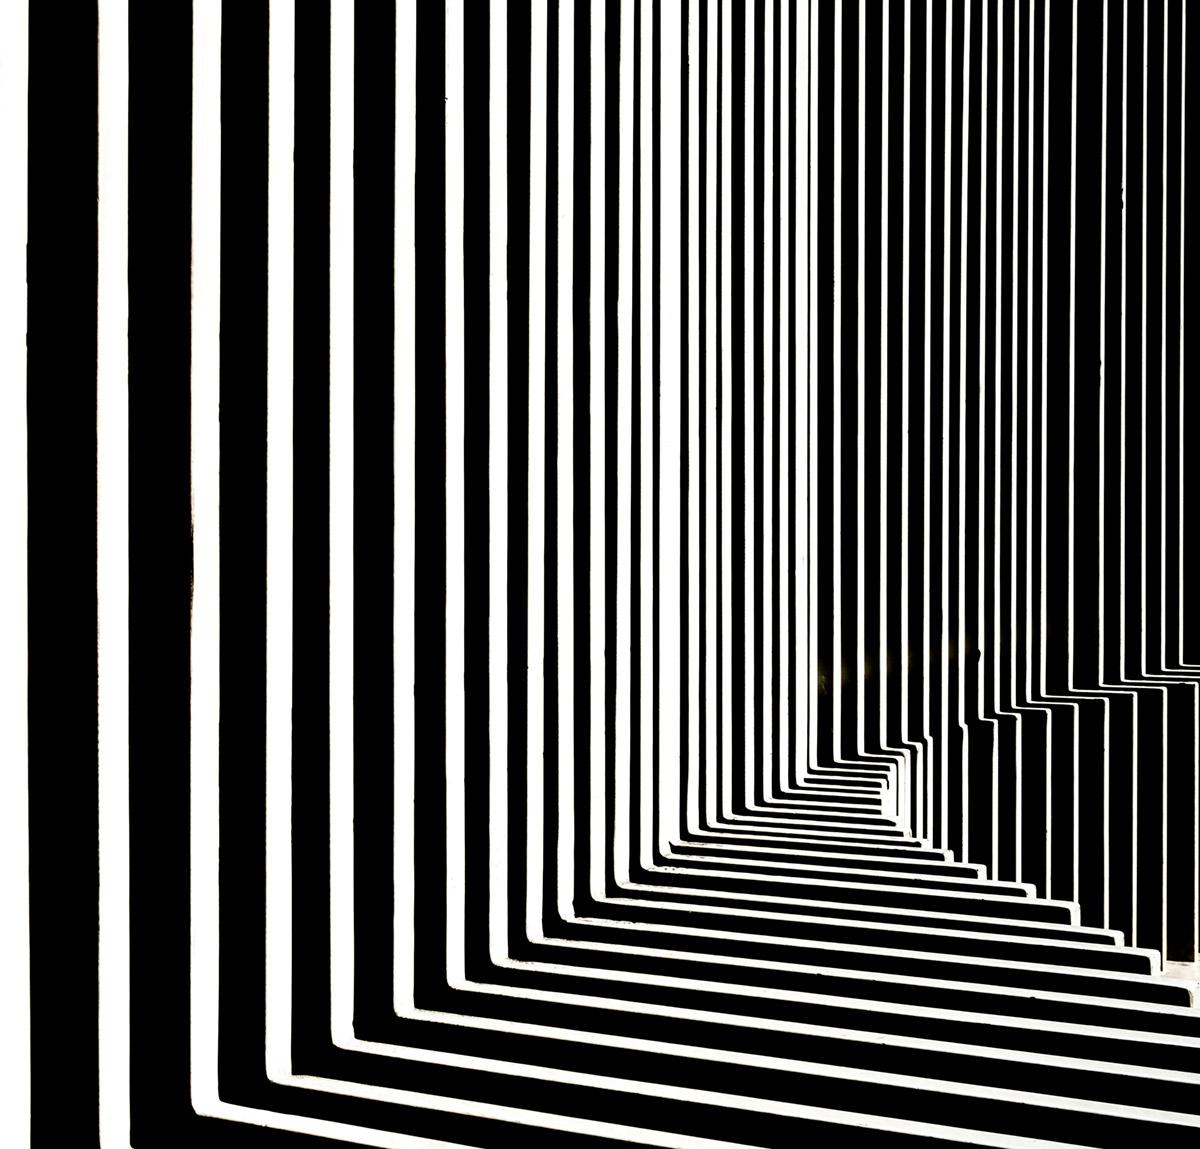 Fence by Harry Verschelden